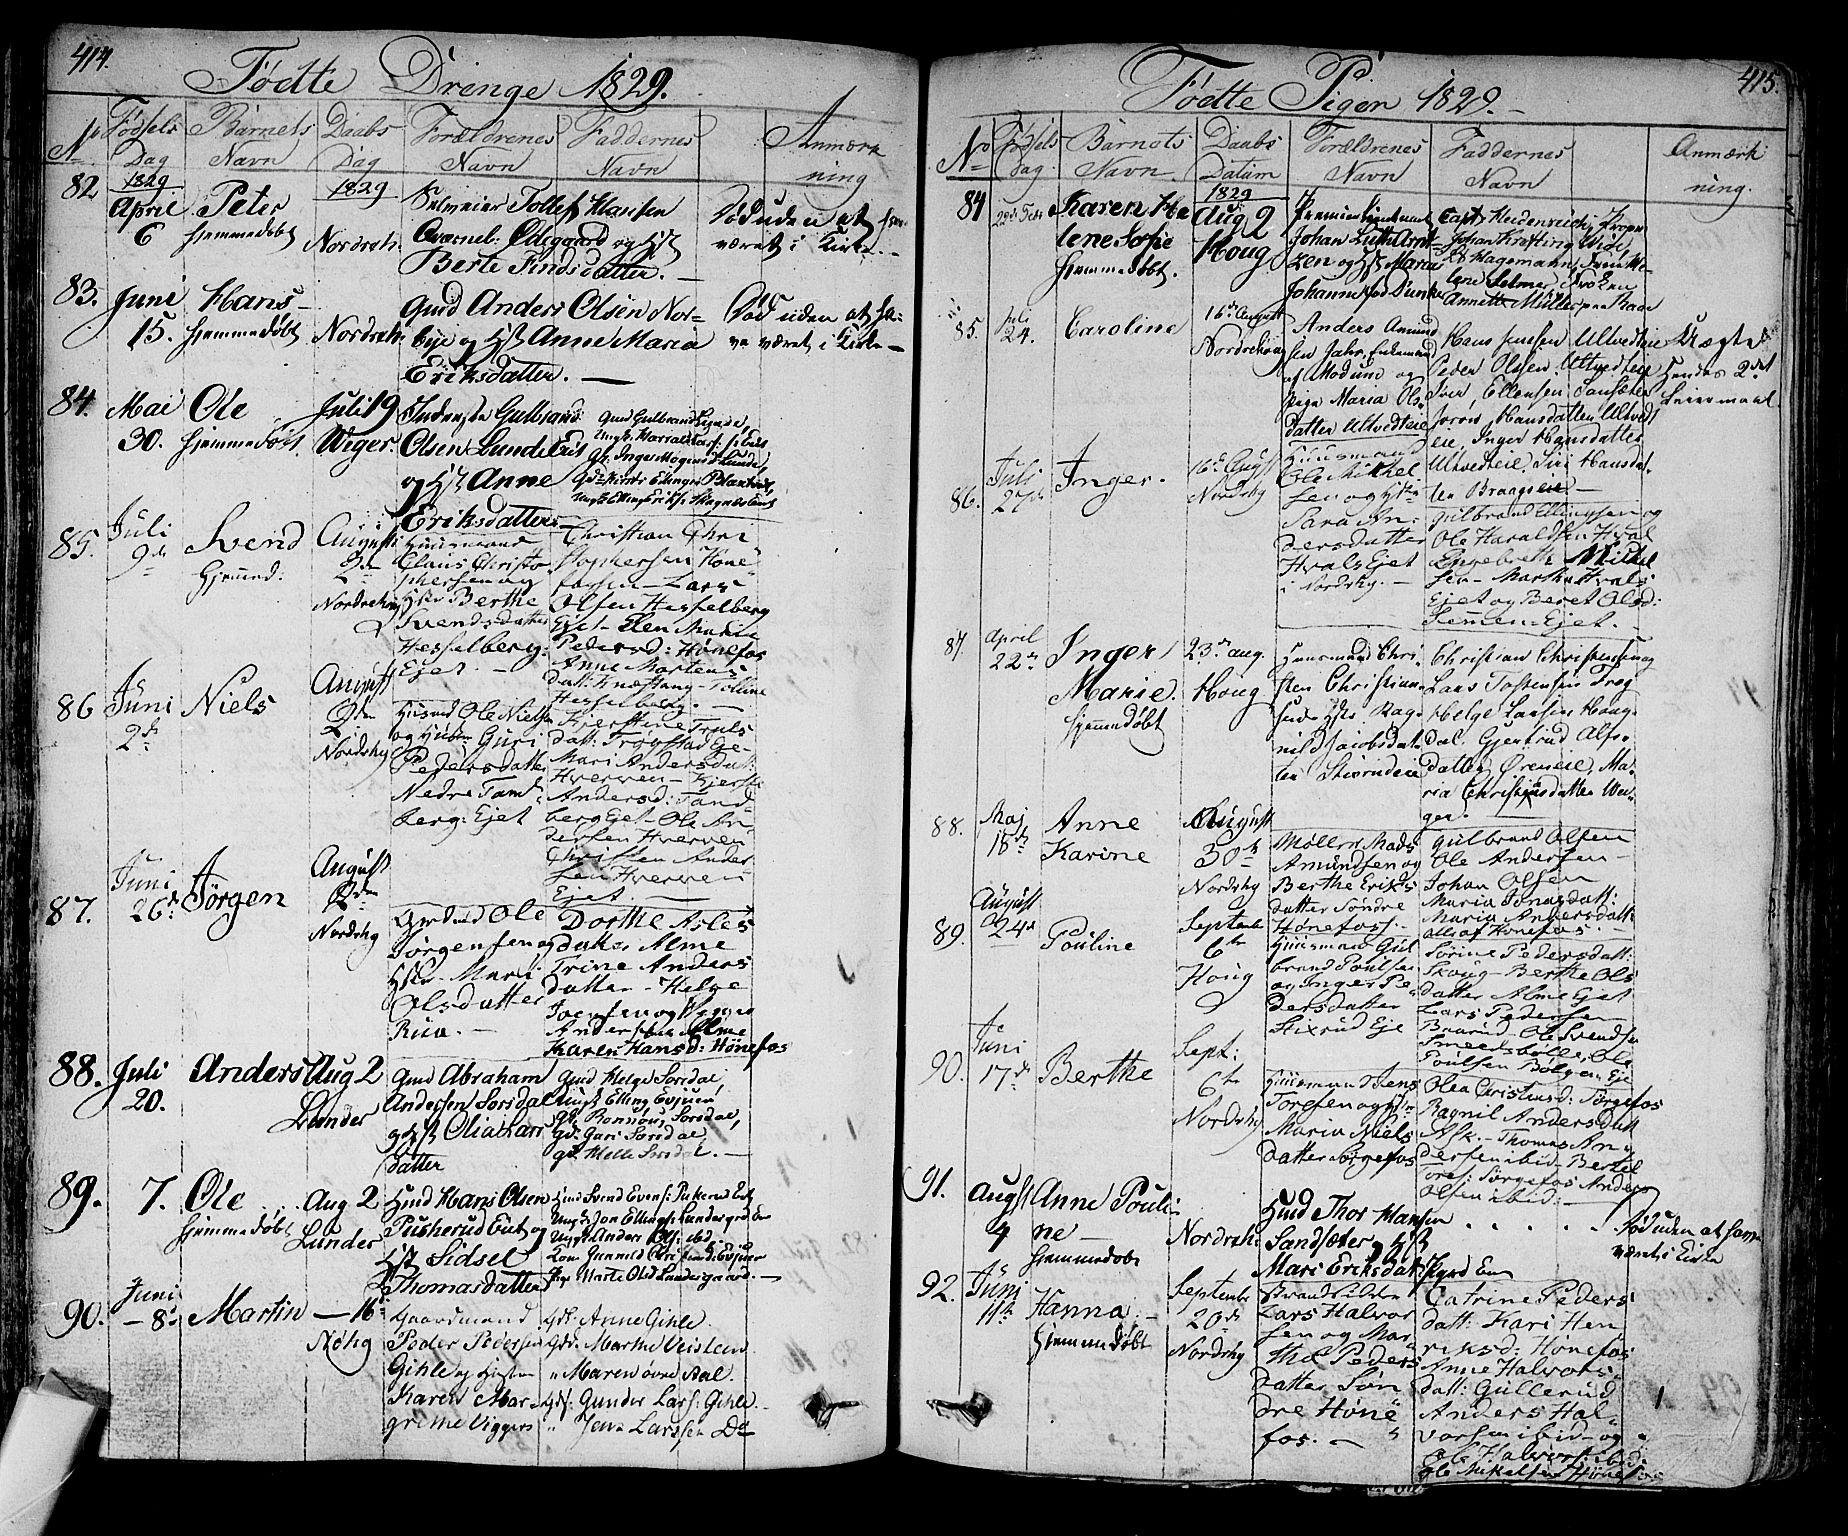 SAKO, Norderhov kirkebøker, F/Fa/L0009: Ministerialbok nr. 9, 1819-1837, s. 414-415